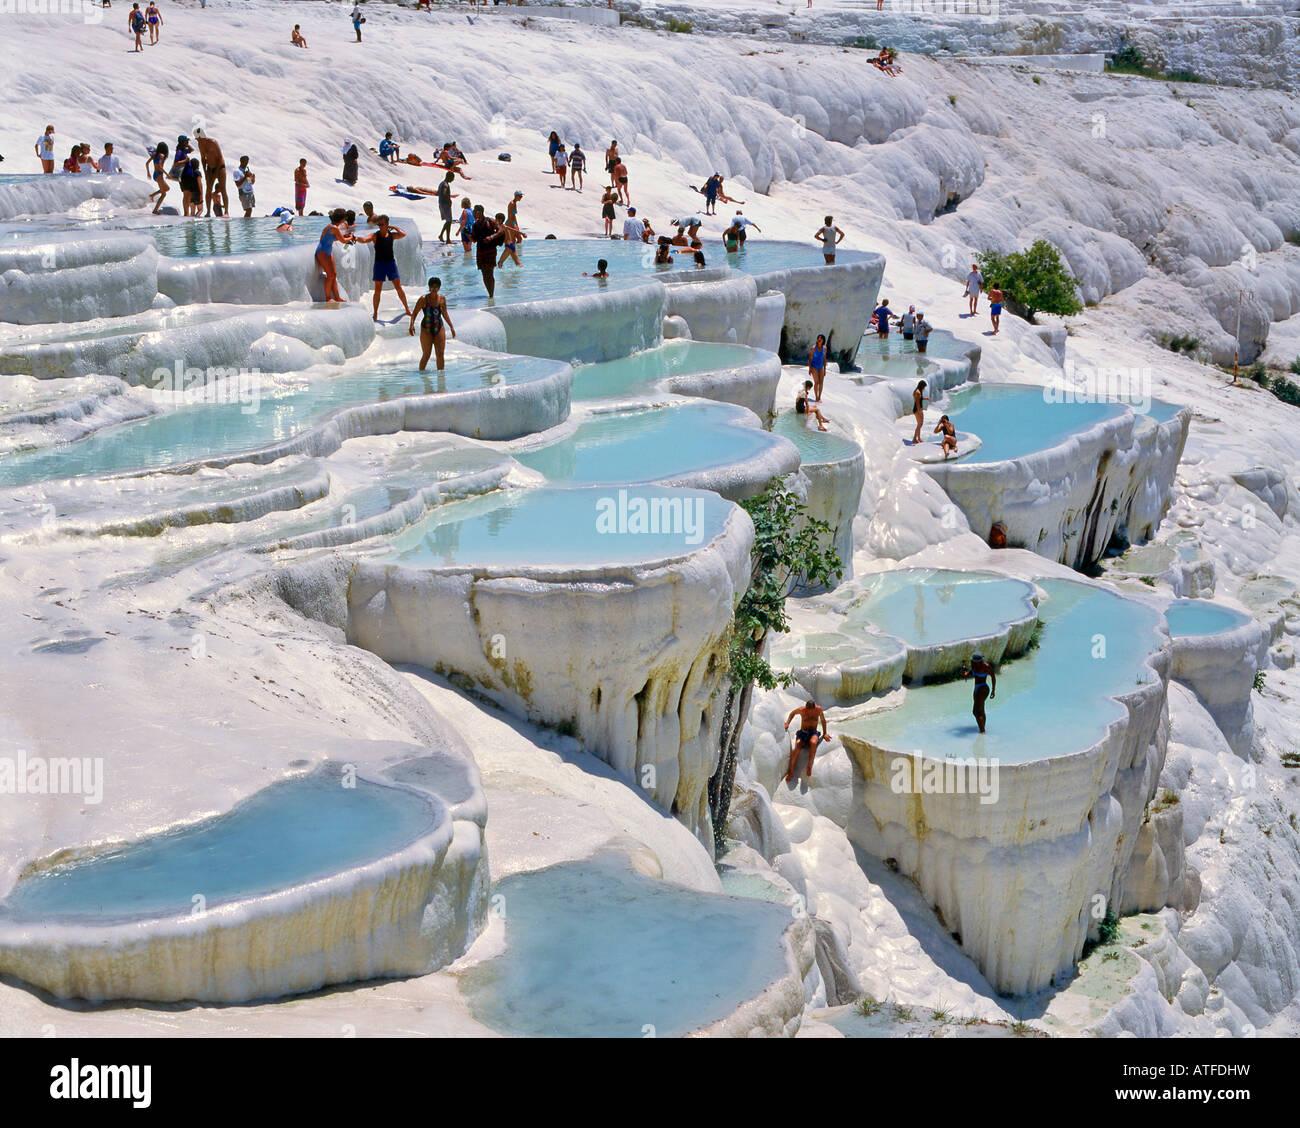 Pamukkale Cotton Castle Travertine Pools Unesco